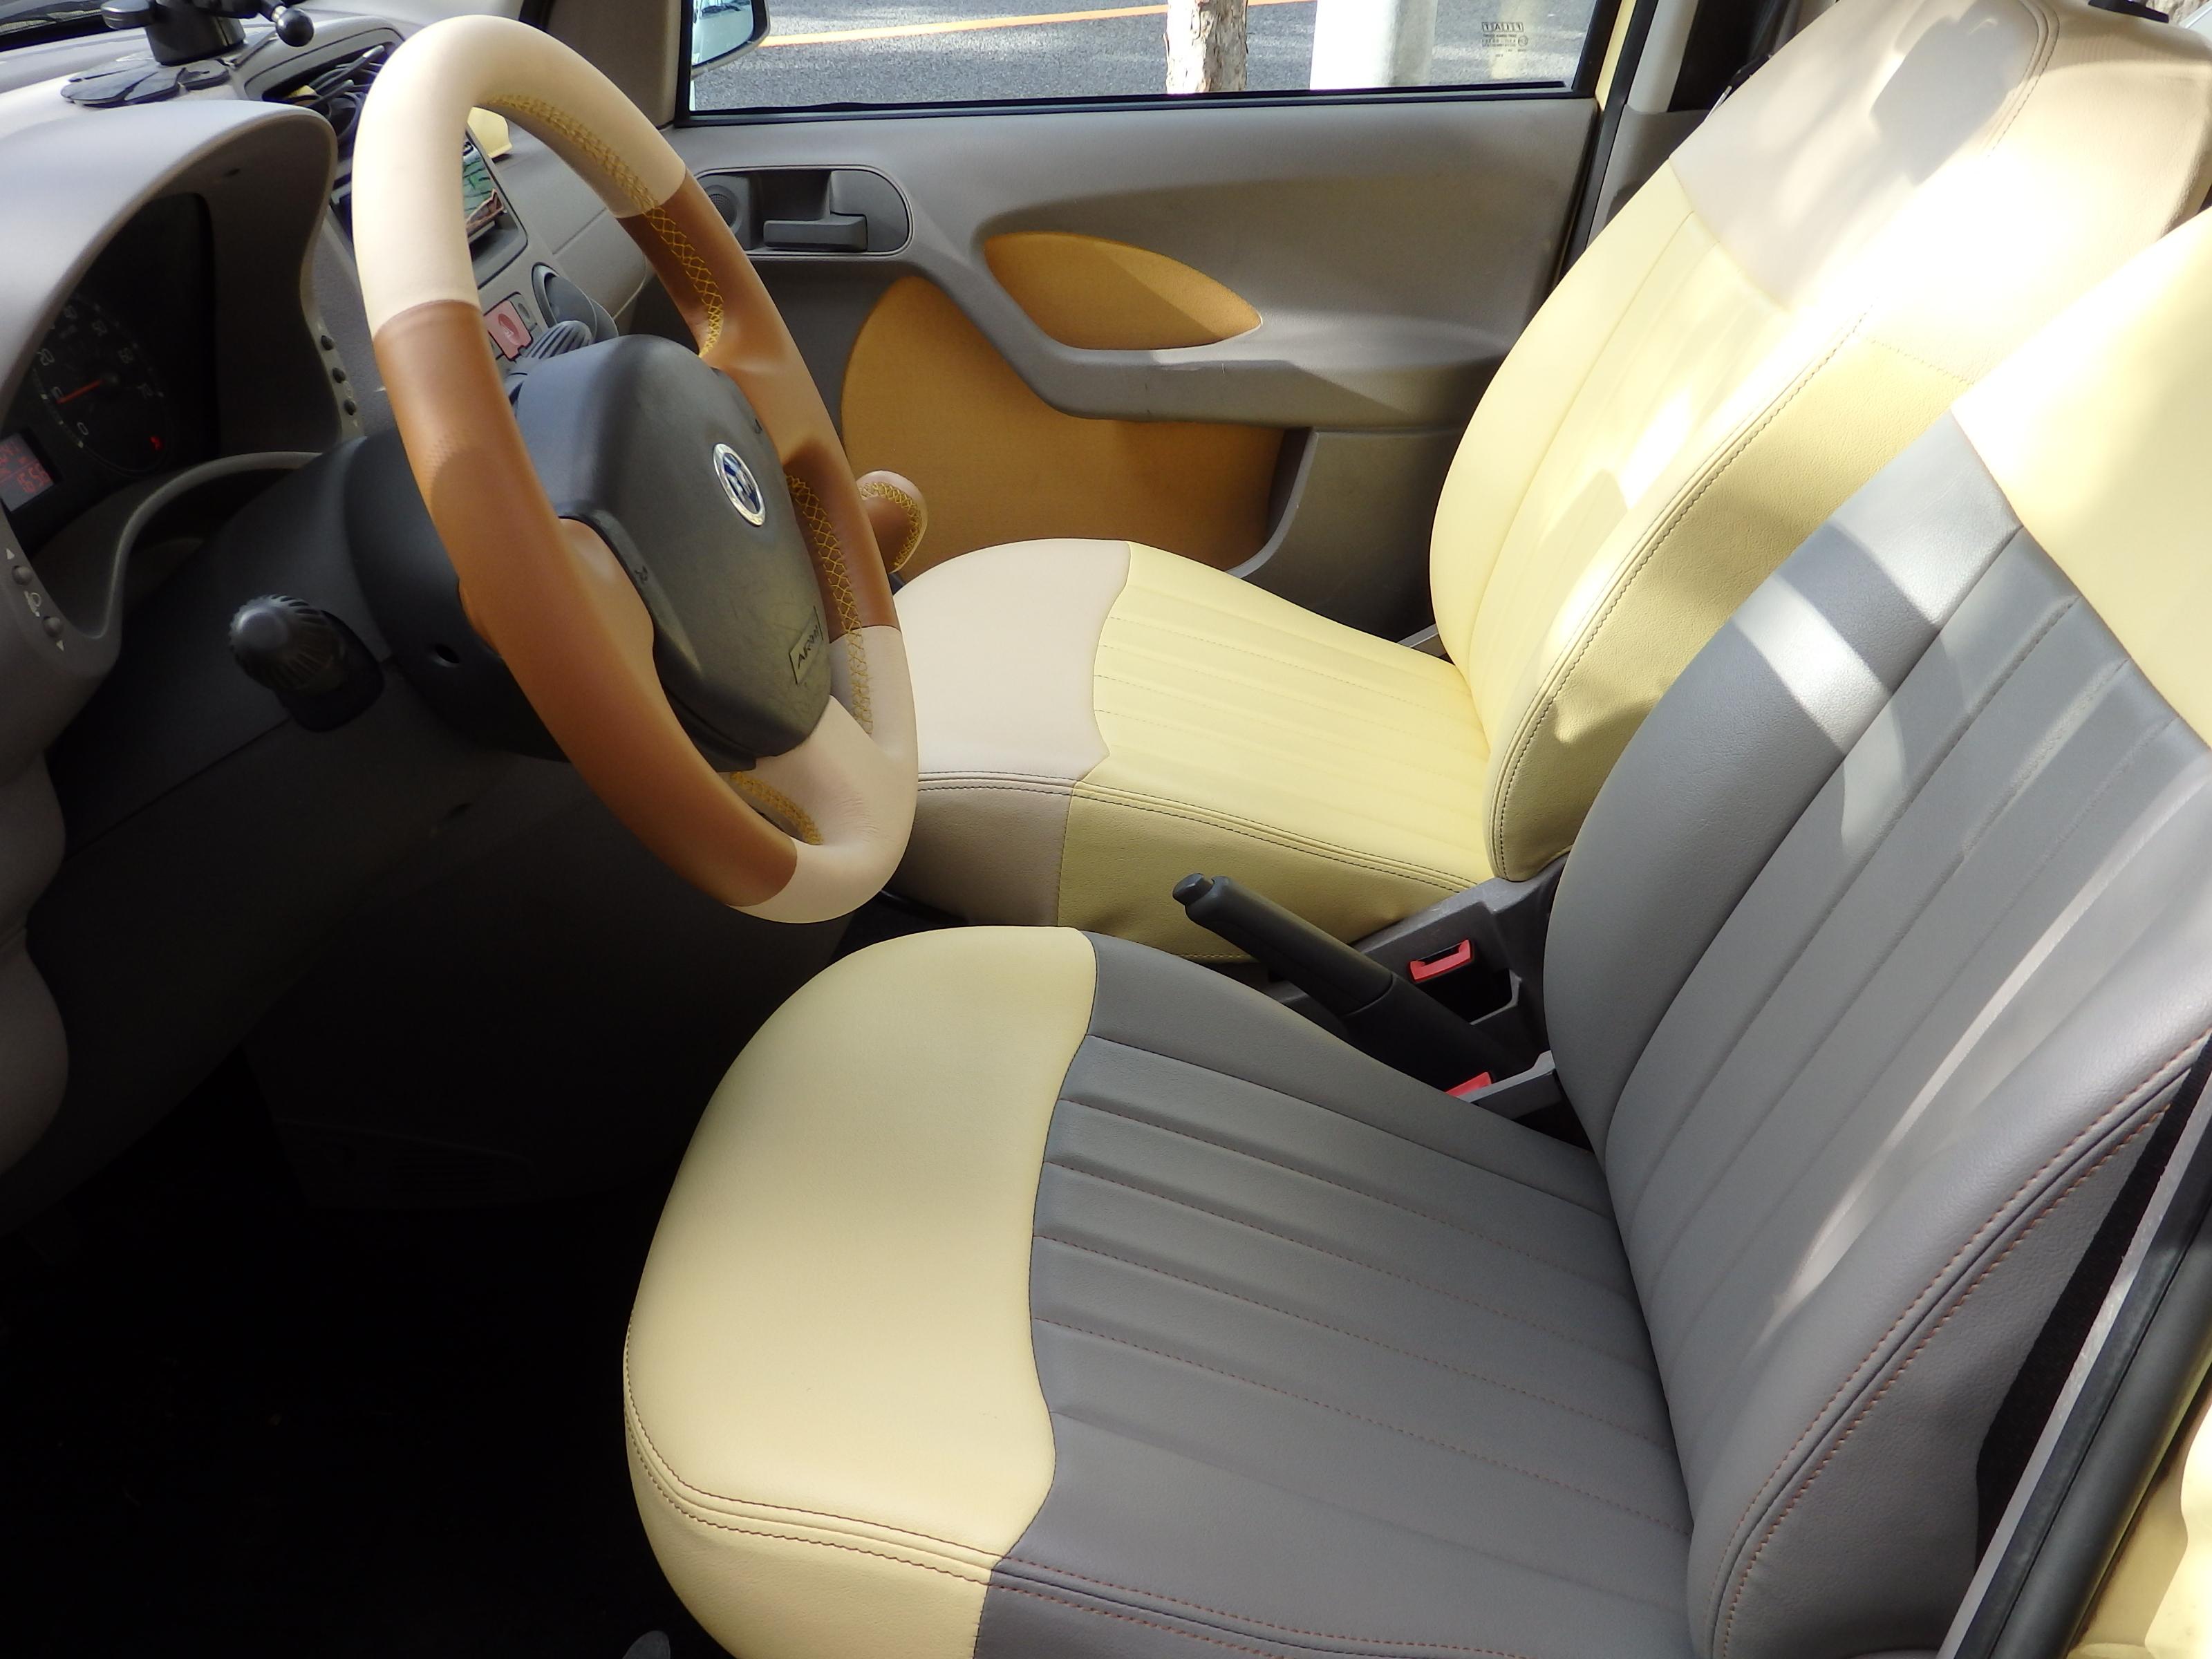 フィアット パンダ2(169系)用 PVCレザー製 オリジナルシートカバー